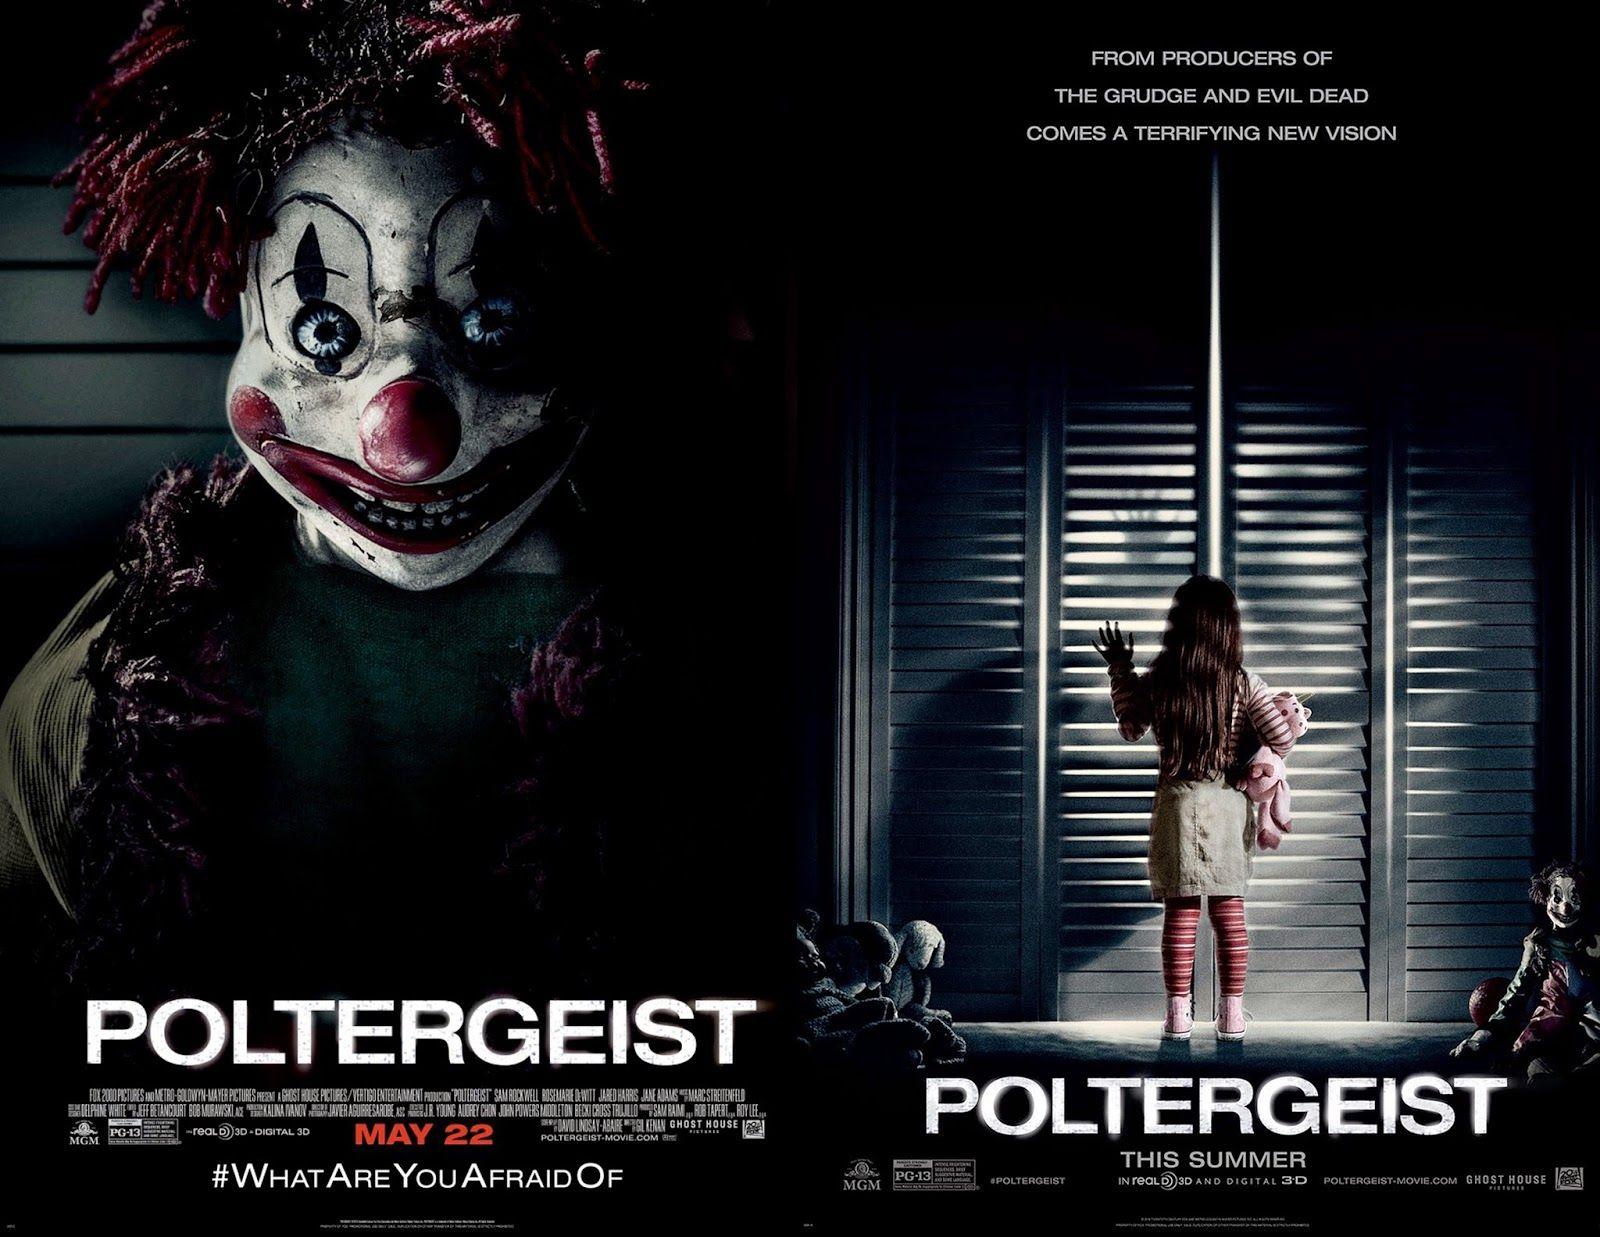 Download Film Poltergeist (2015) BluRay 1080p Subtitle